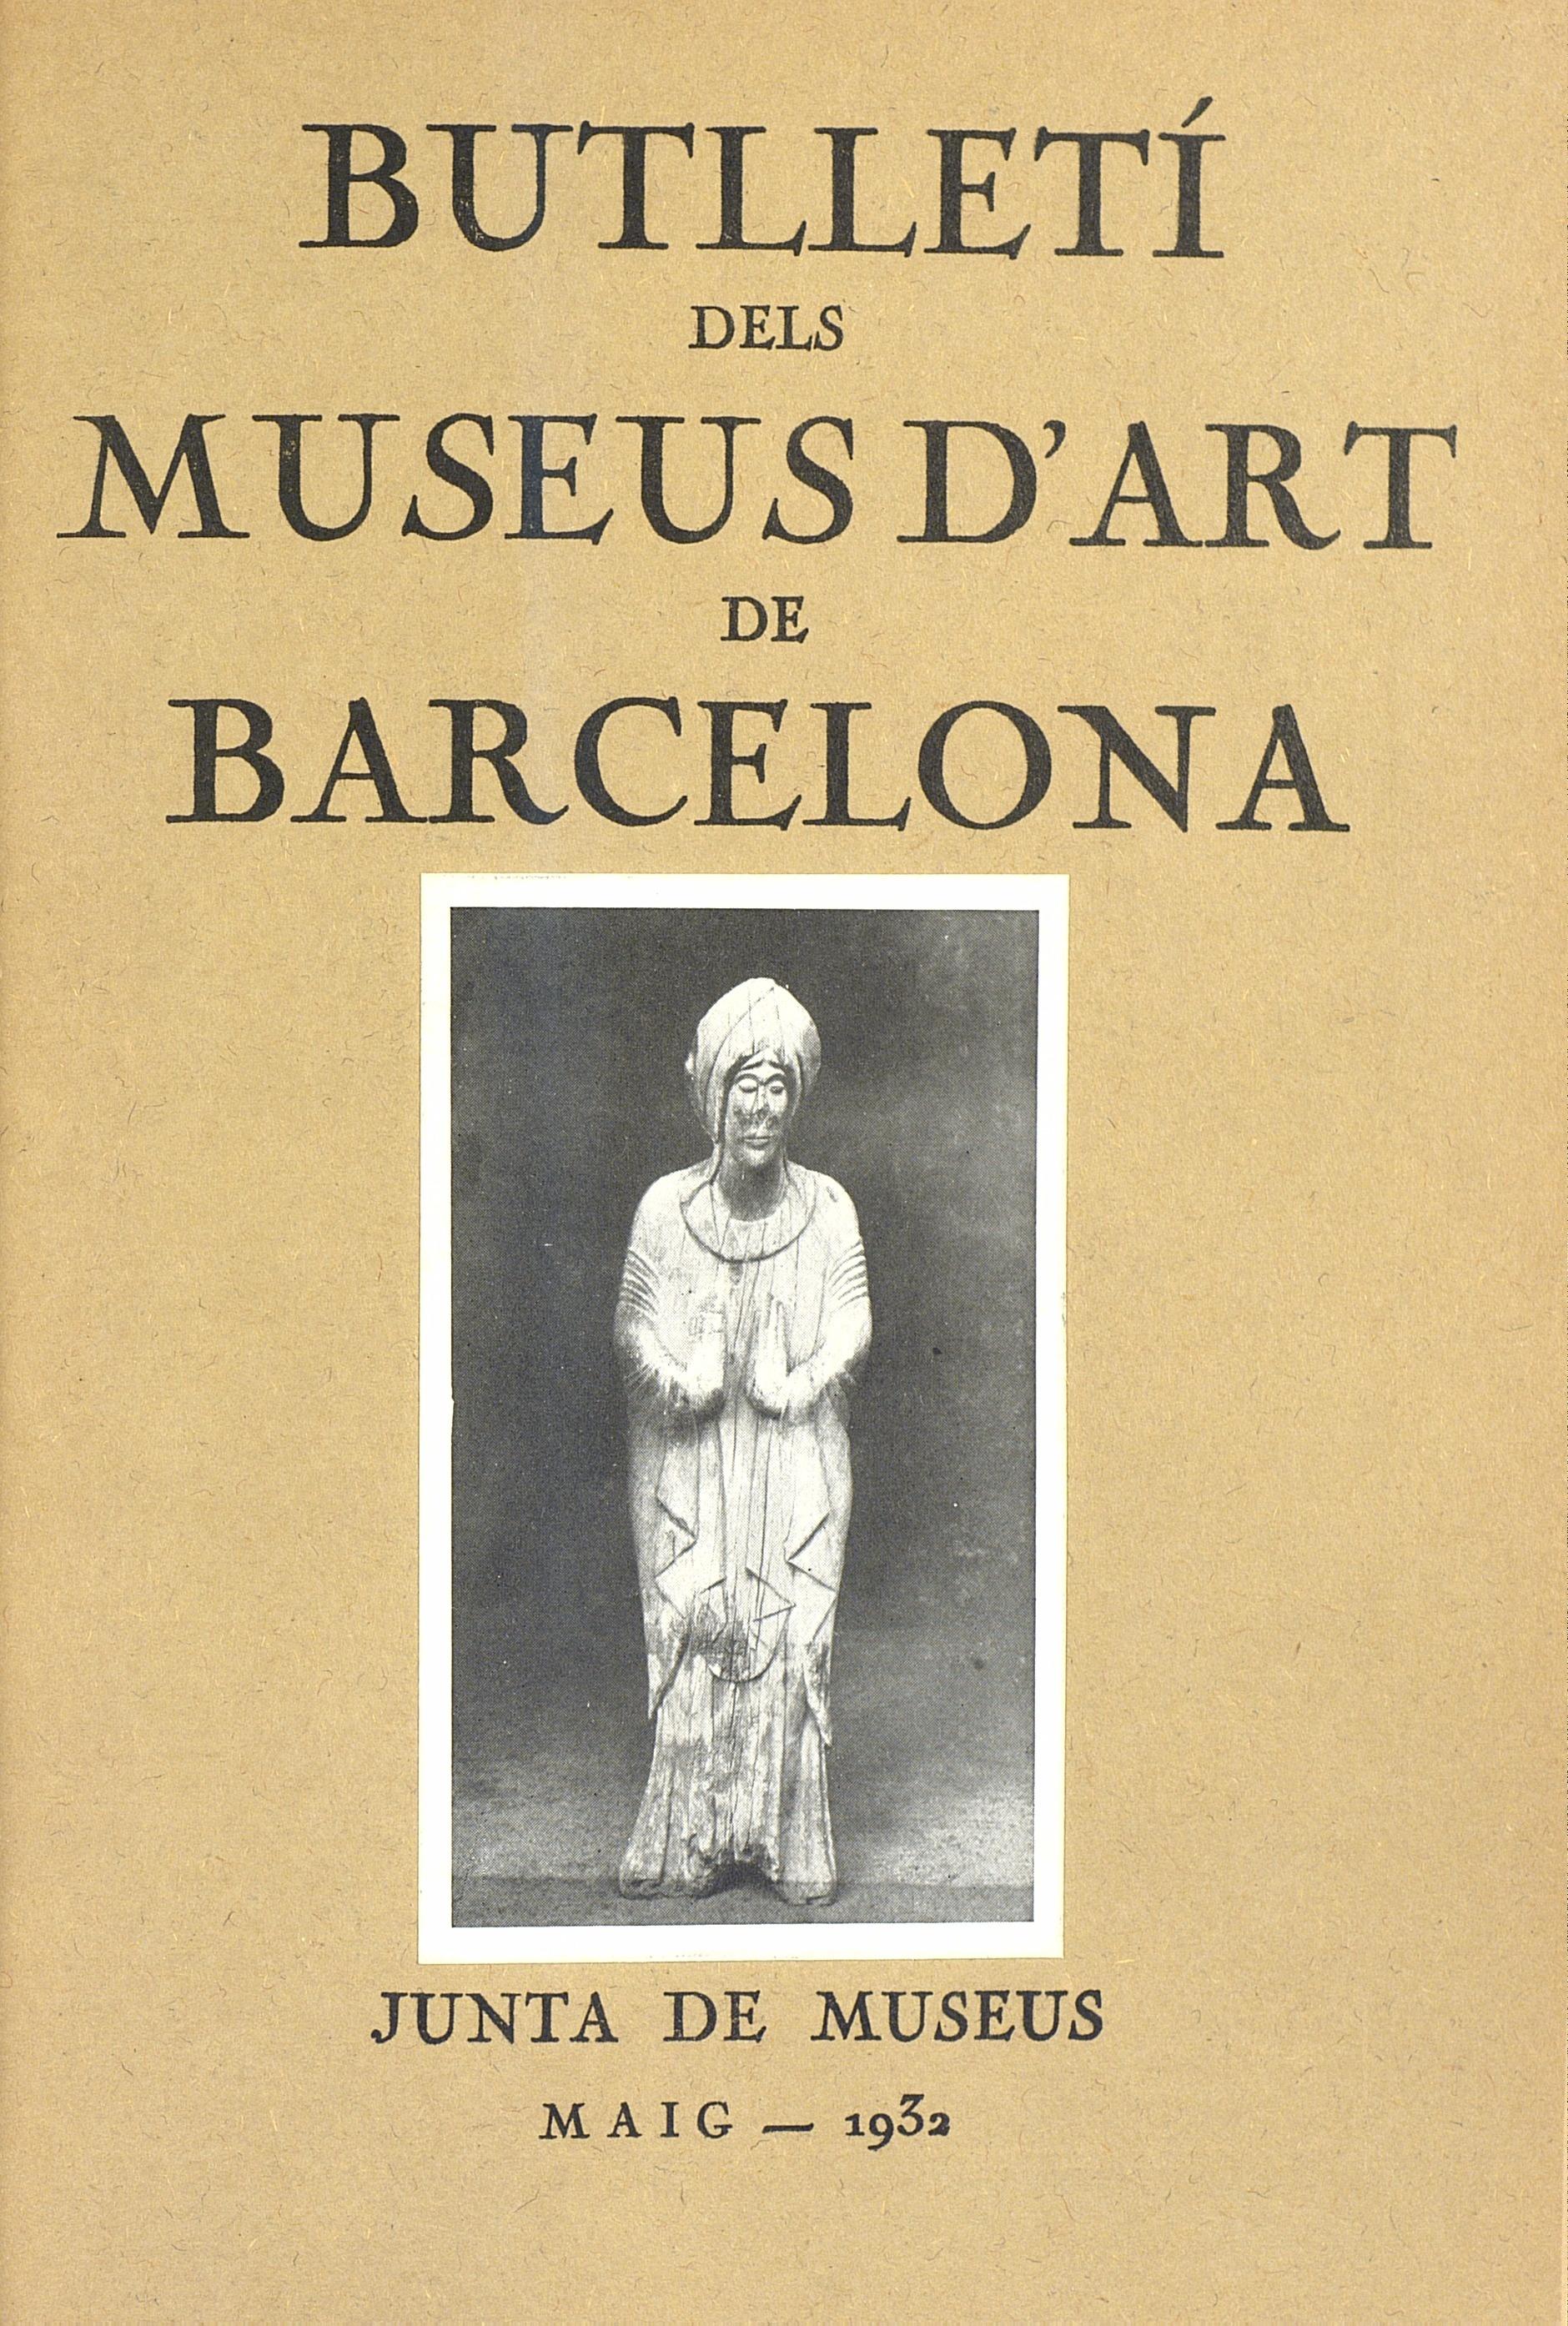 Vol. 2, núm. 12 (maig 1932)